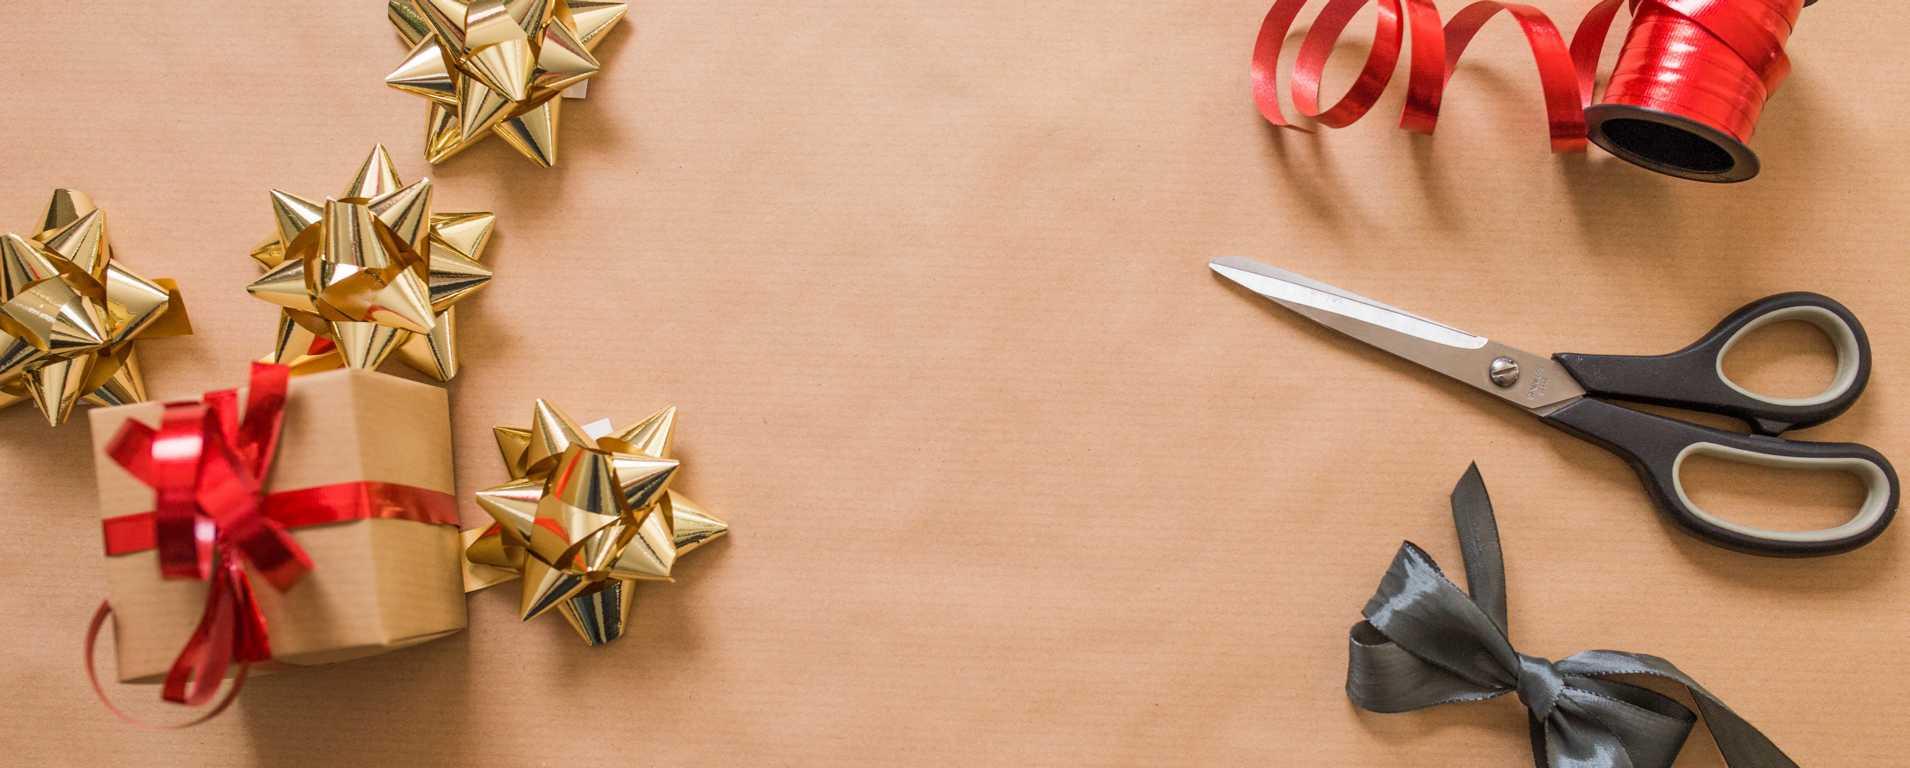 Mit dem Last Minute Geschenke Guide zum richtigen Geschenk